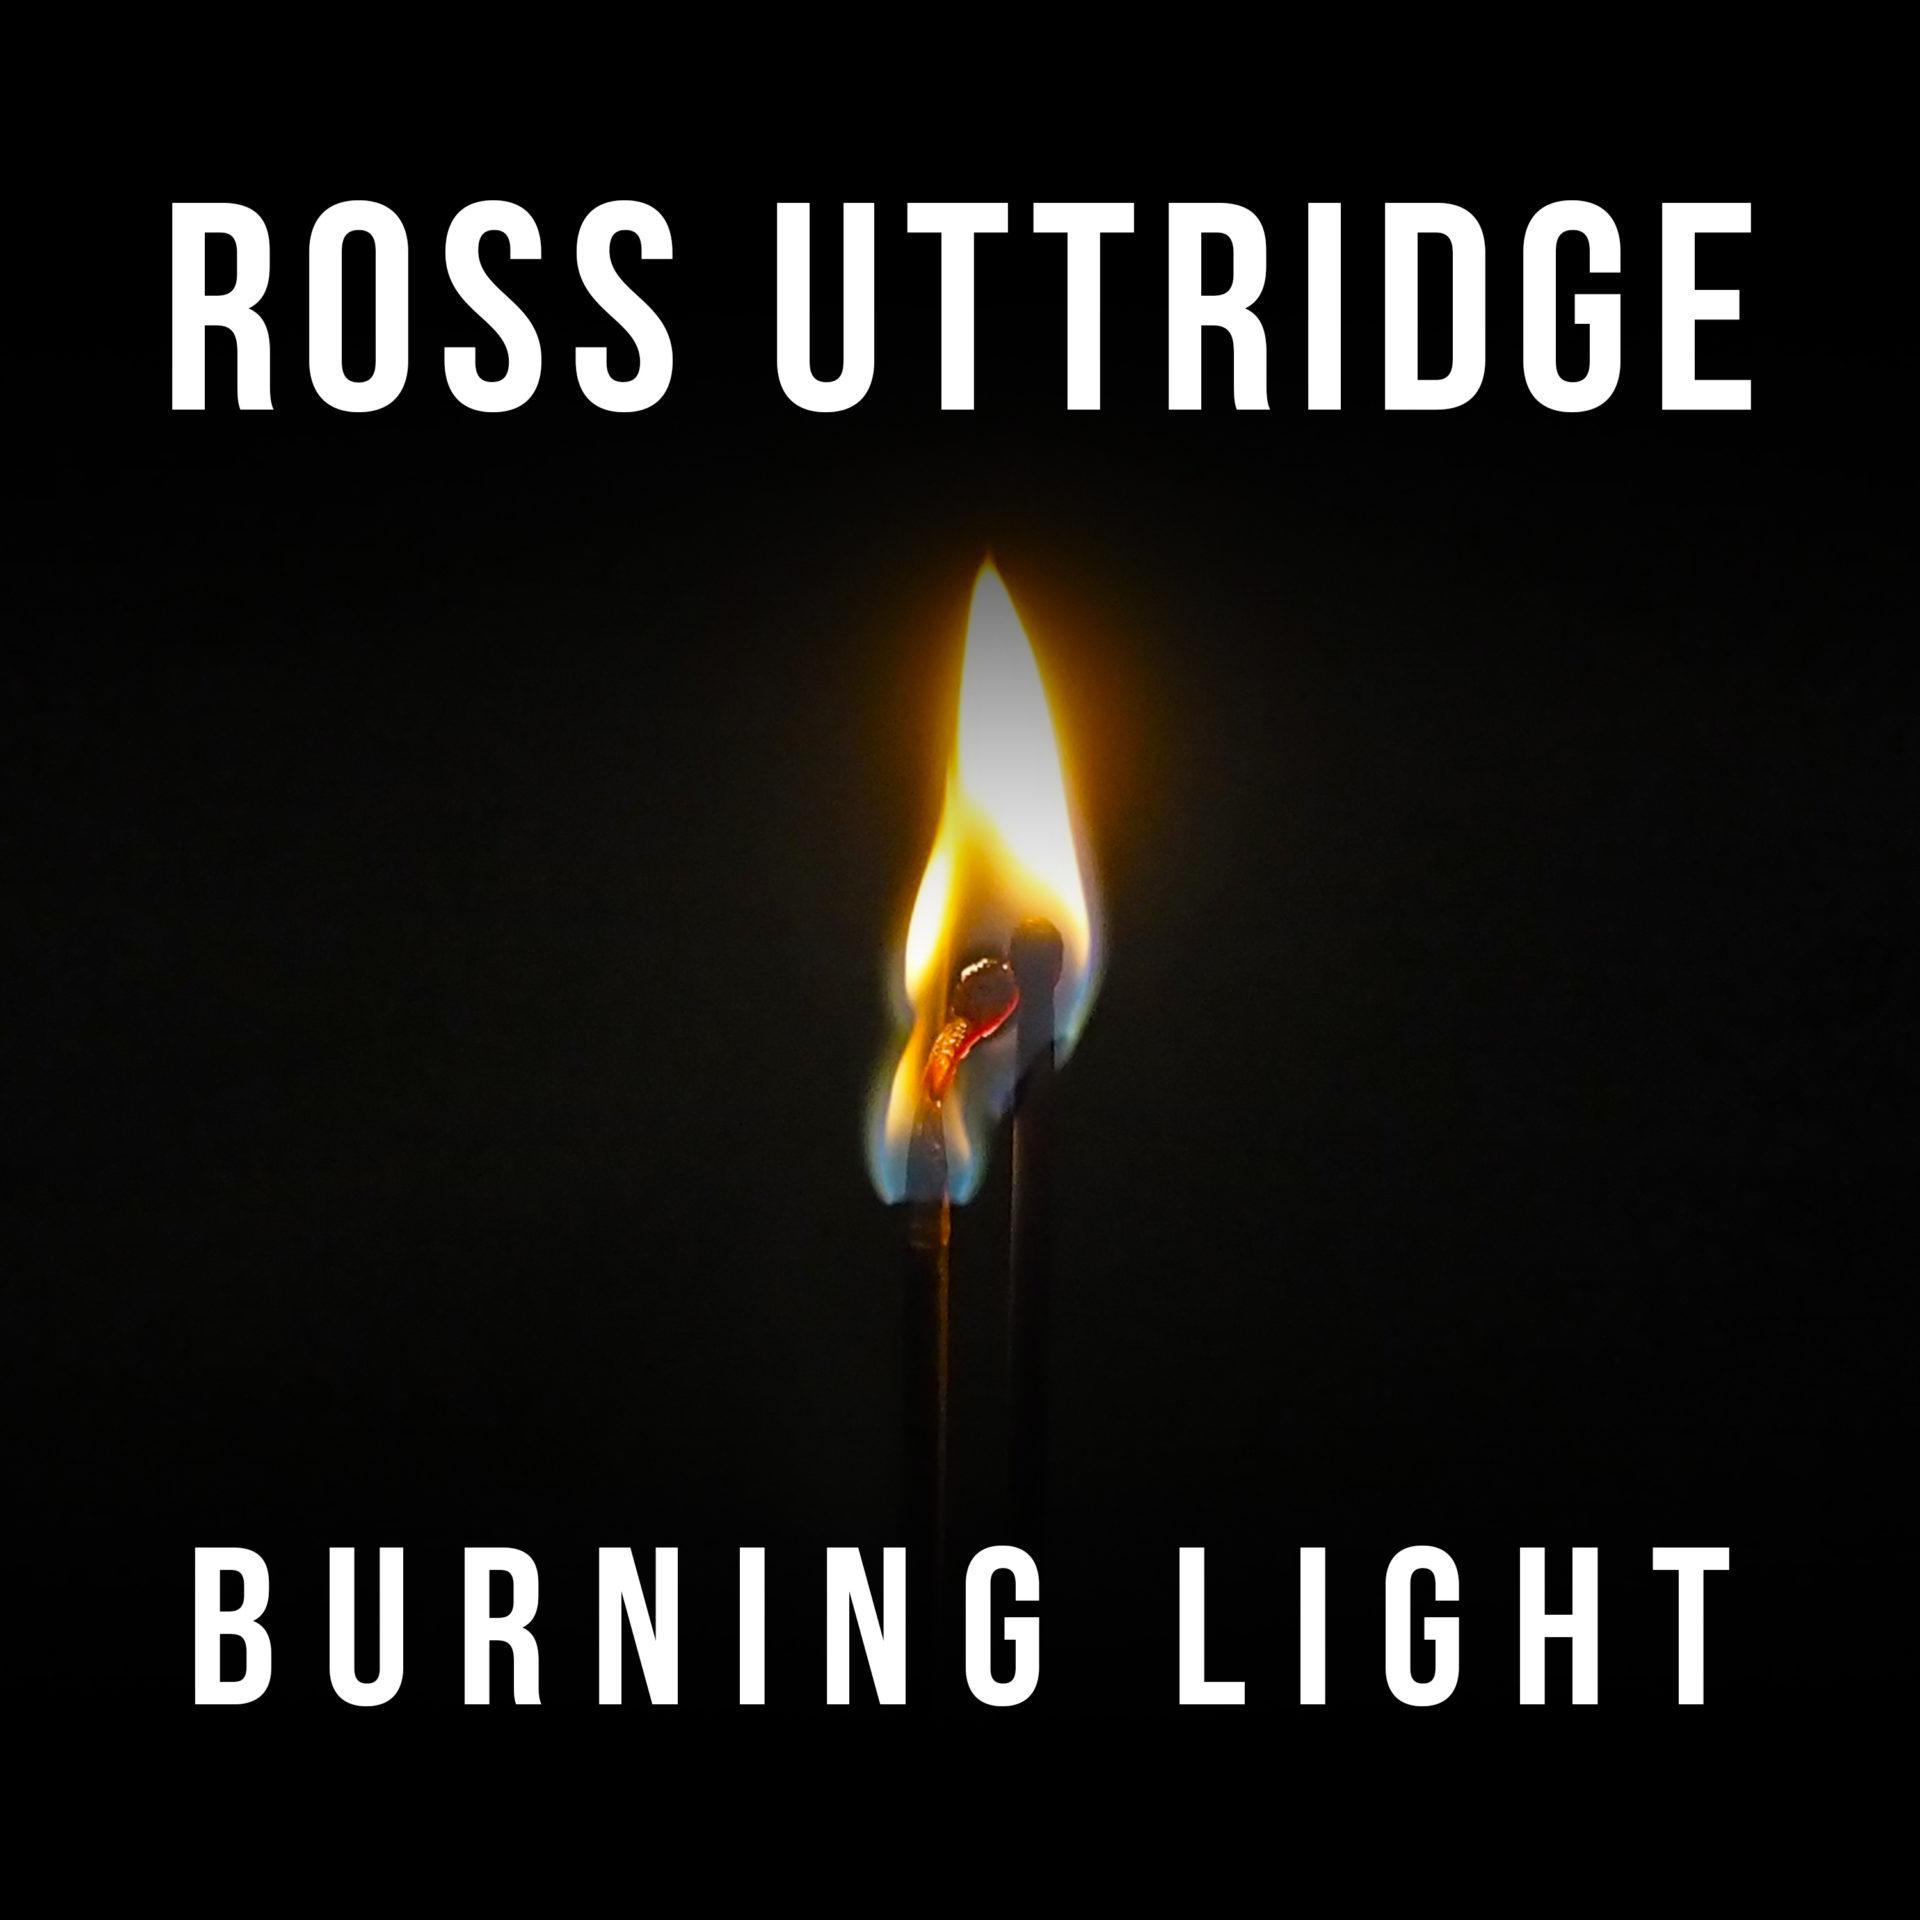 Ross Uttridge - Burning Light